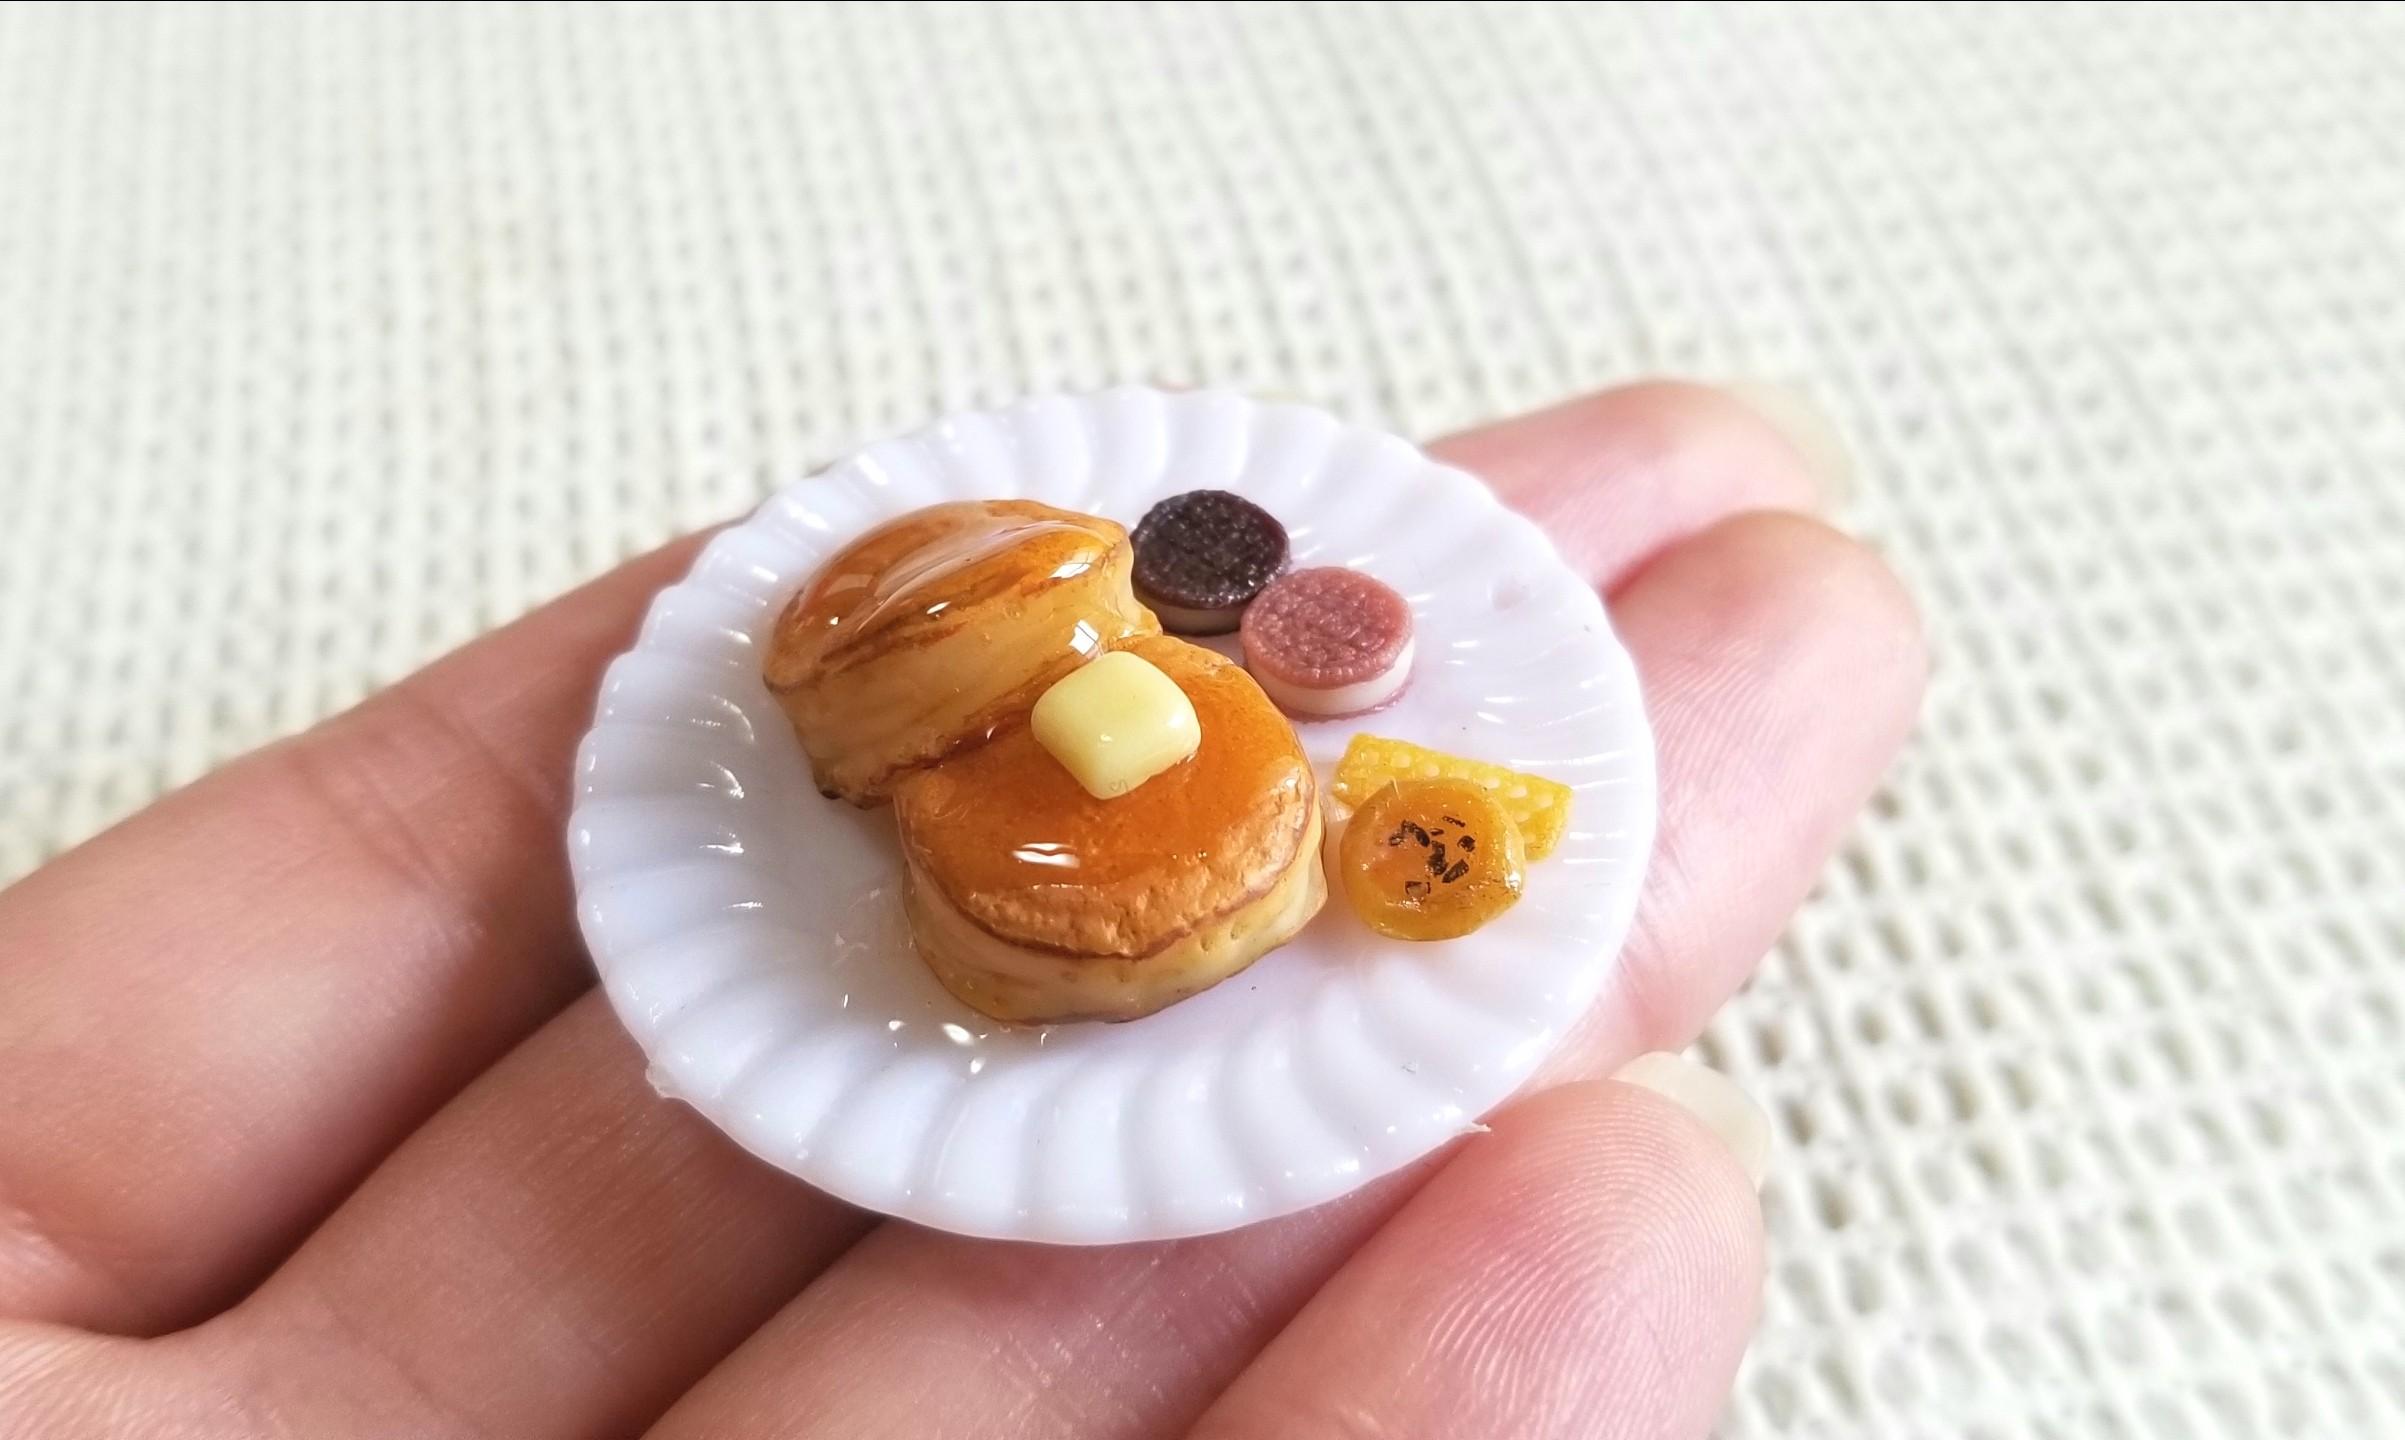 ホットケーキの作り方,ミニチュア,樹脂粘土,食品サンプル,ドール